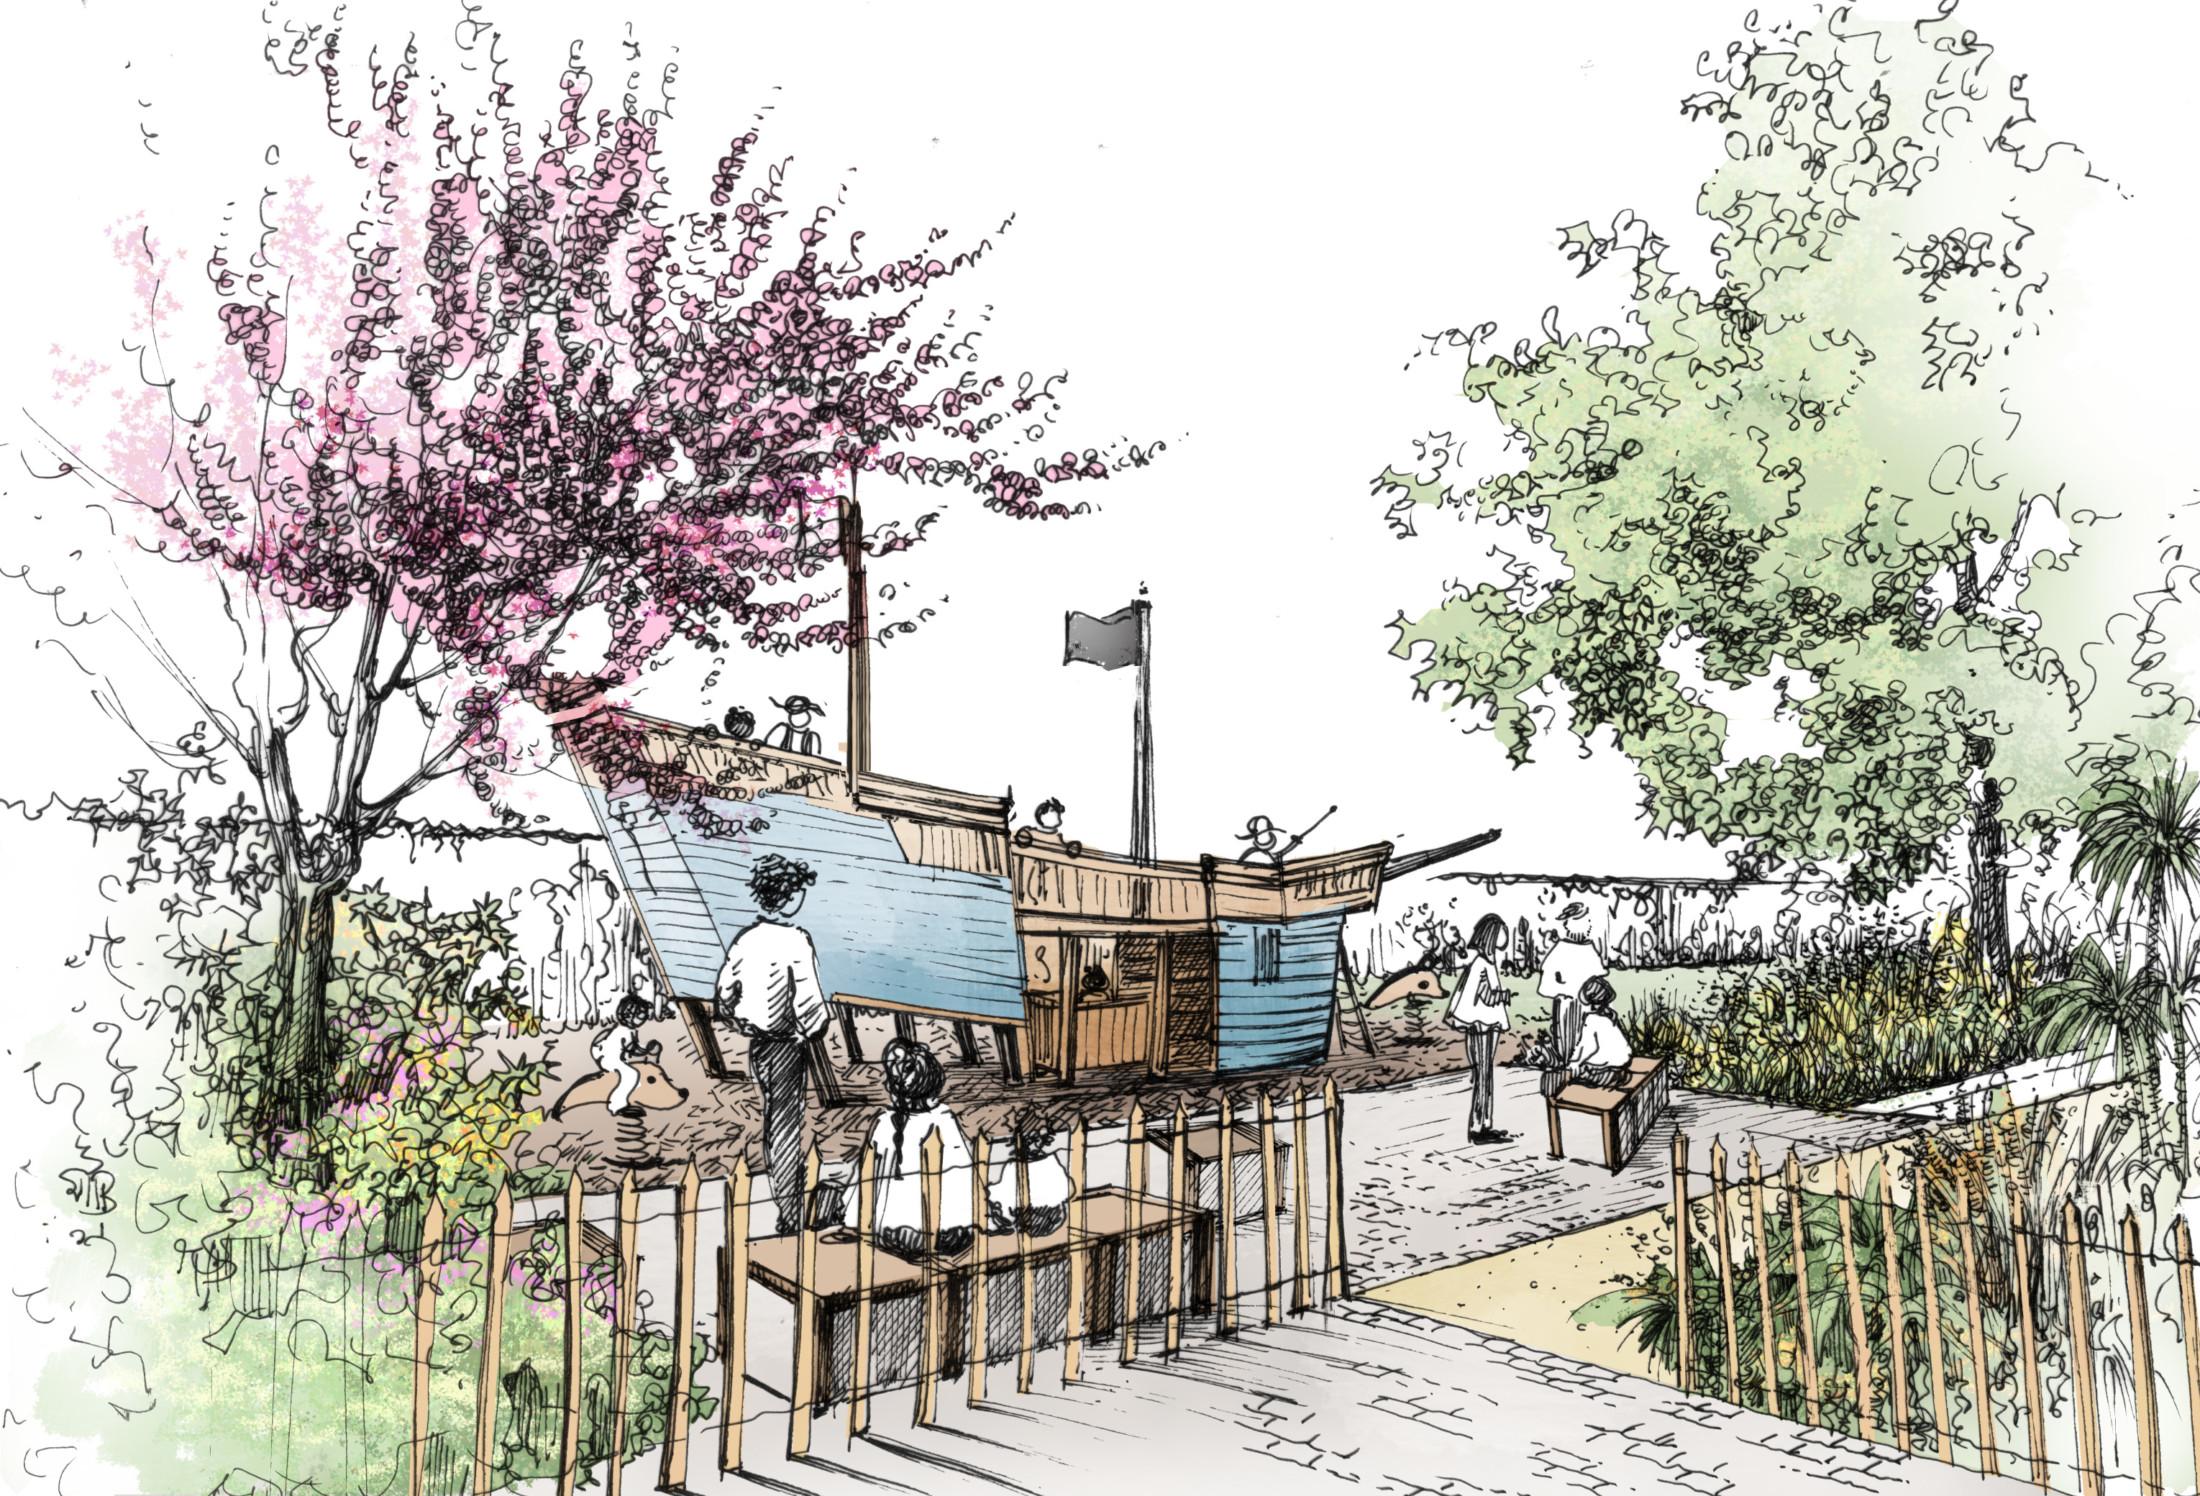 jardin-square-public-jeux-bois-marin-Kompan